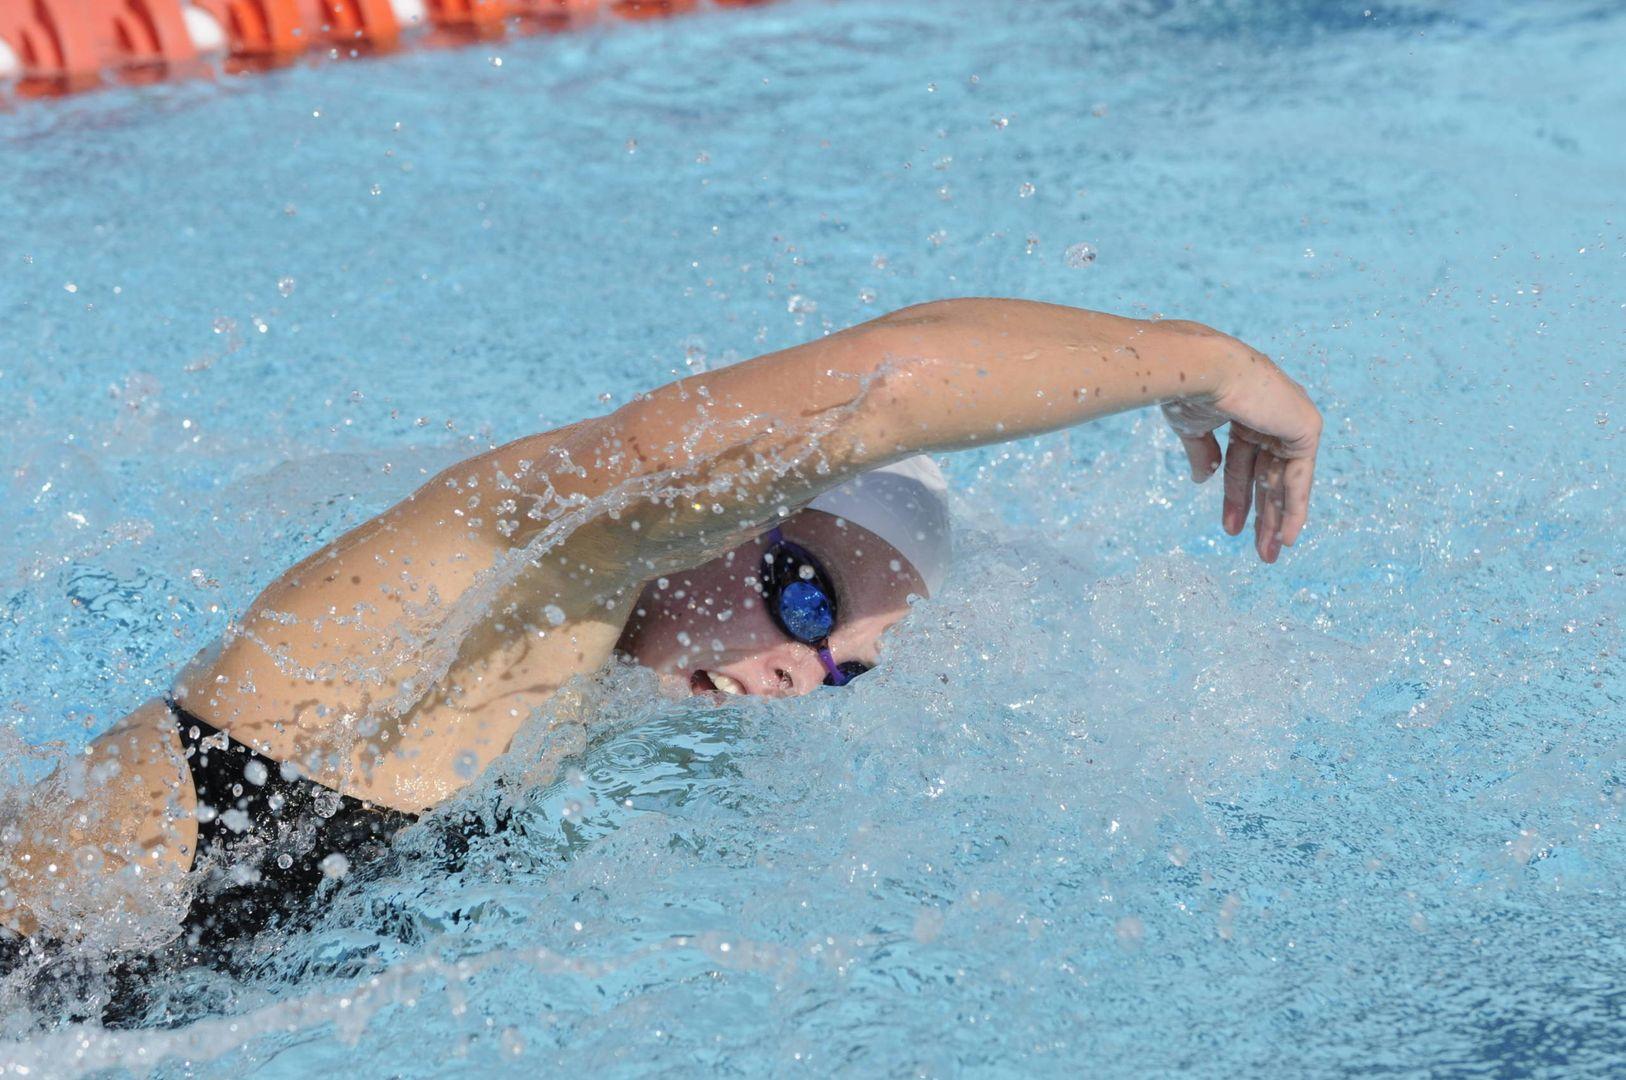 Hall Advances at U.S. Olympic Trials